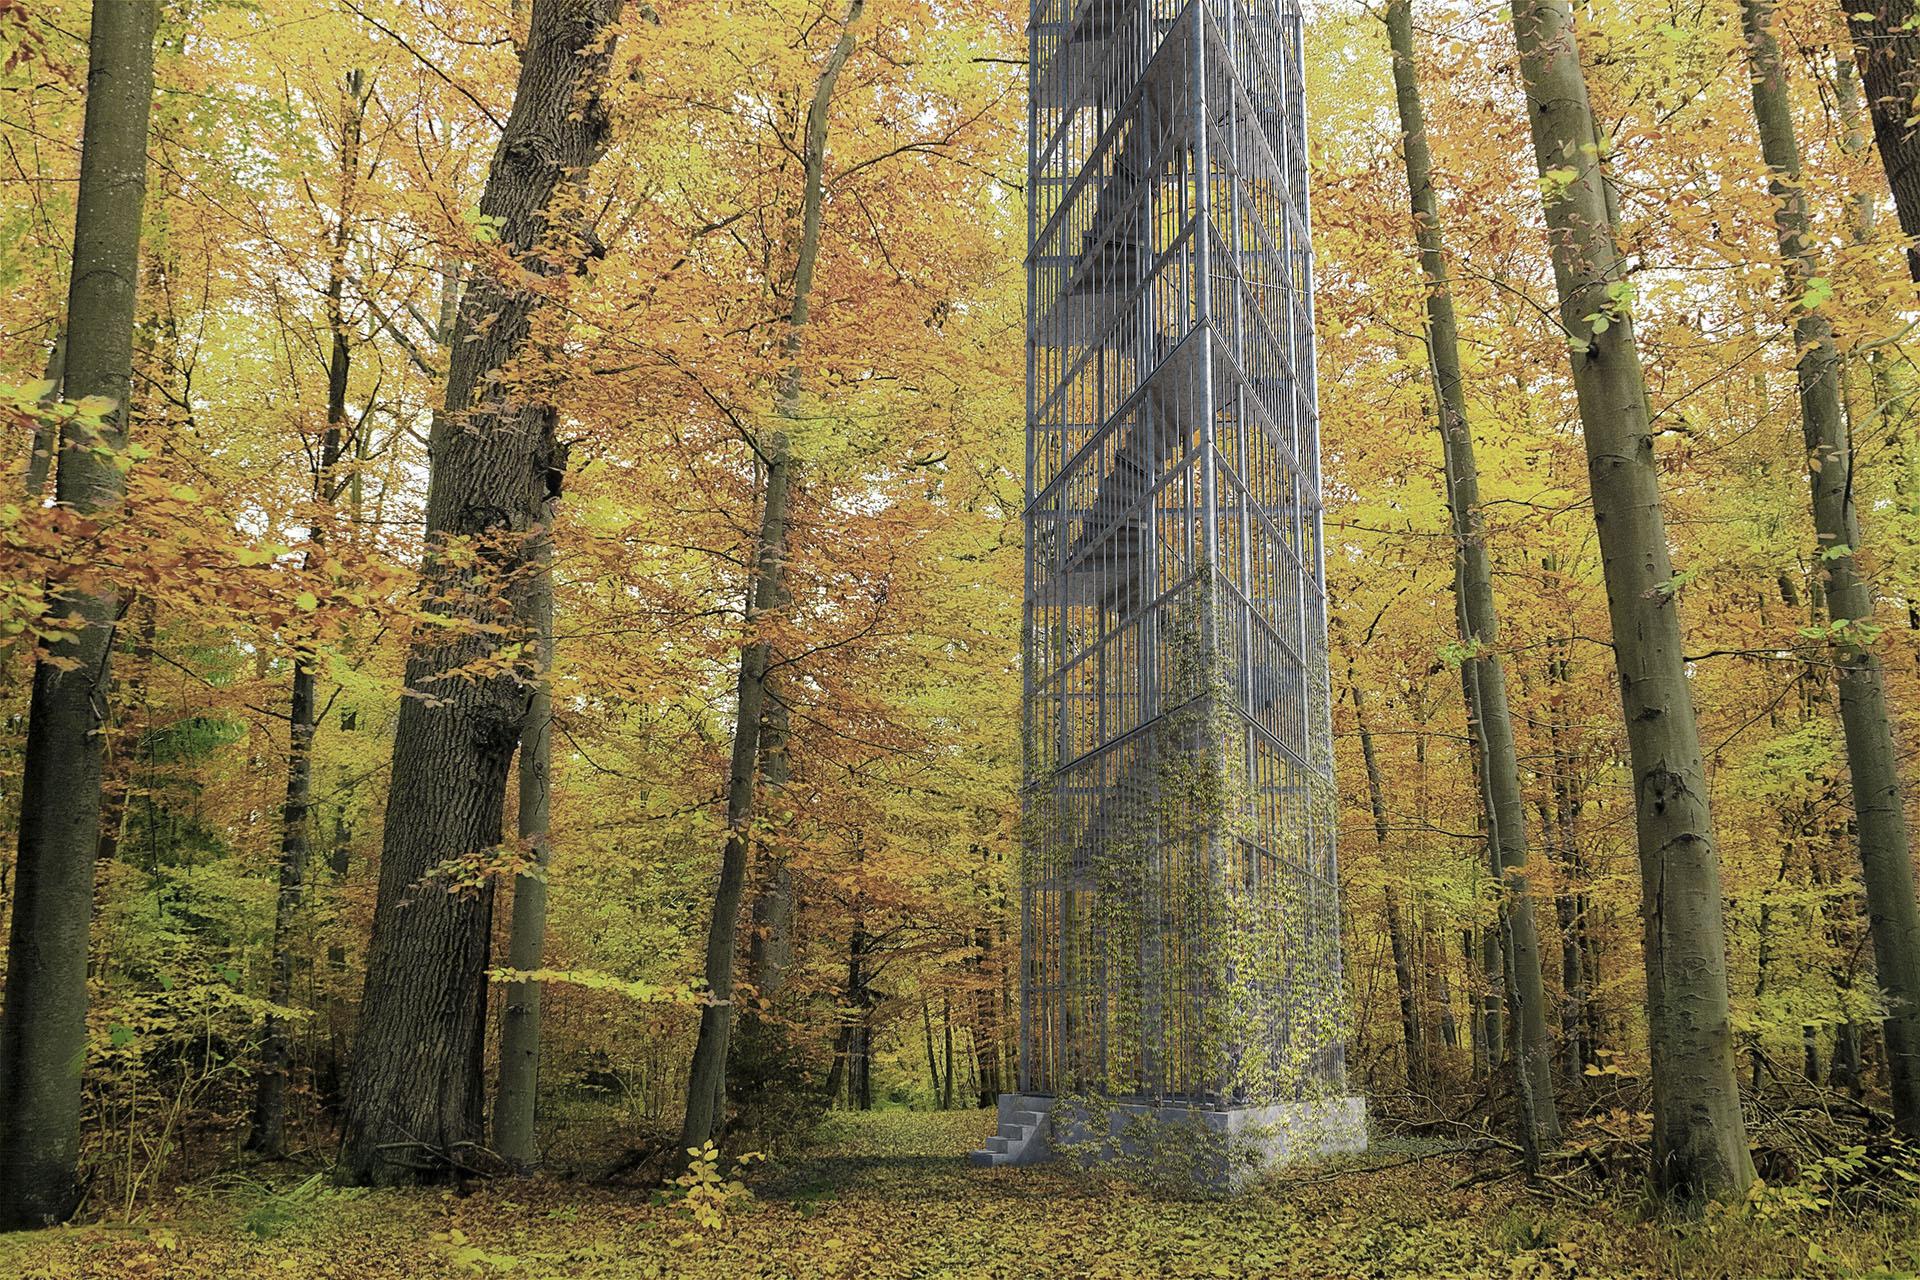 Pata rozhlednya vstupní úroveň v prostoru lesa